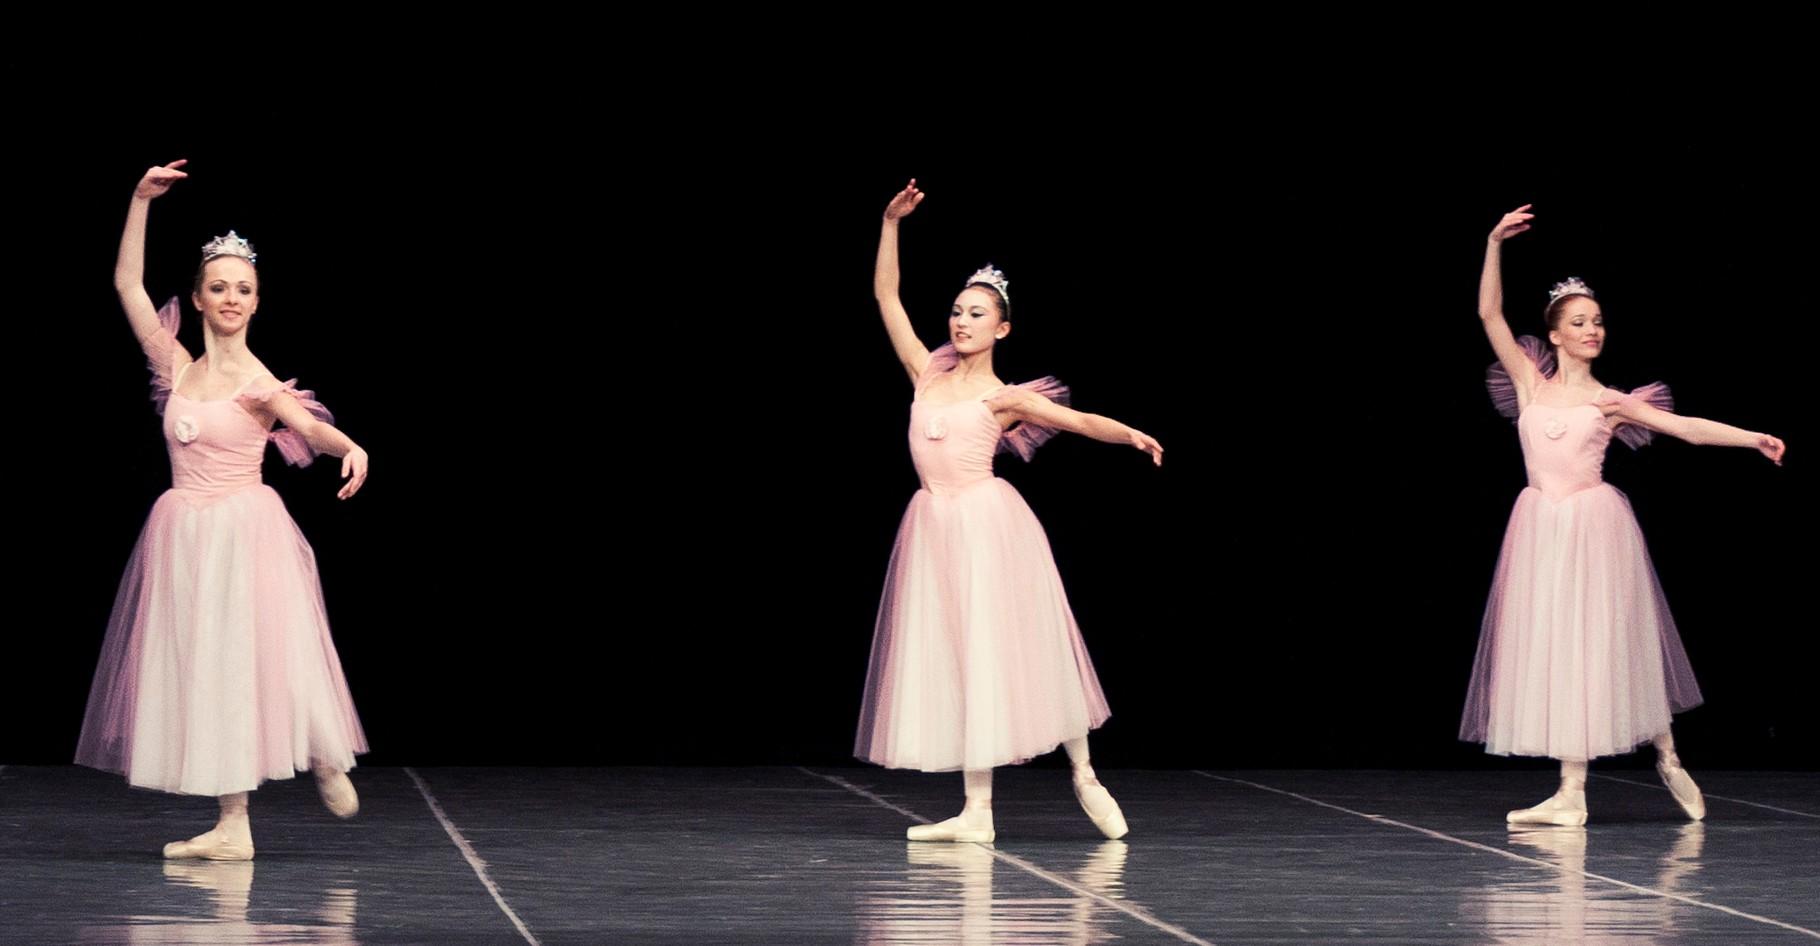 卒業生 染原令奈さん  アメリカ研修を経てEUにて研修中 2012年3月スロバキアに11日間滞在しスロバキア国立舞踊院との学校交流に参加(日本・スロバキアバレエ学校初交流。写真は学校交流のステージより)